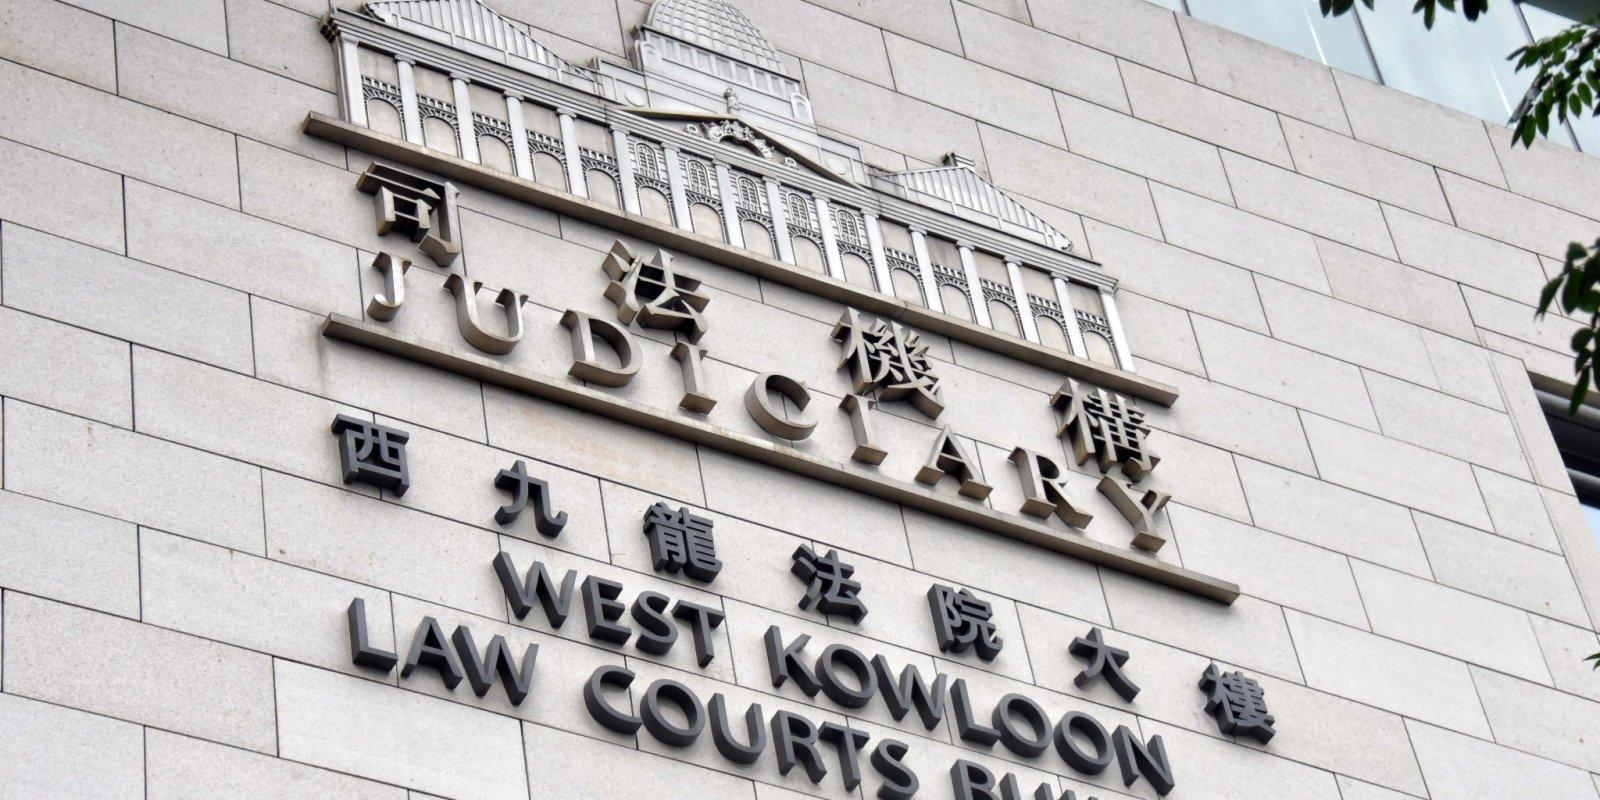 46歲女子檢疫中心三度出逃 罪成判監6周